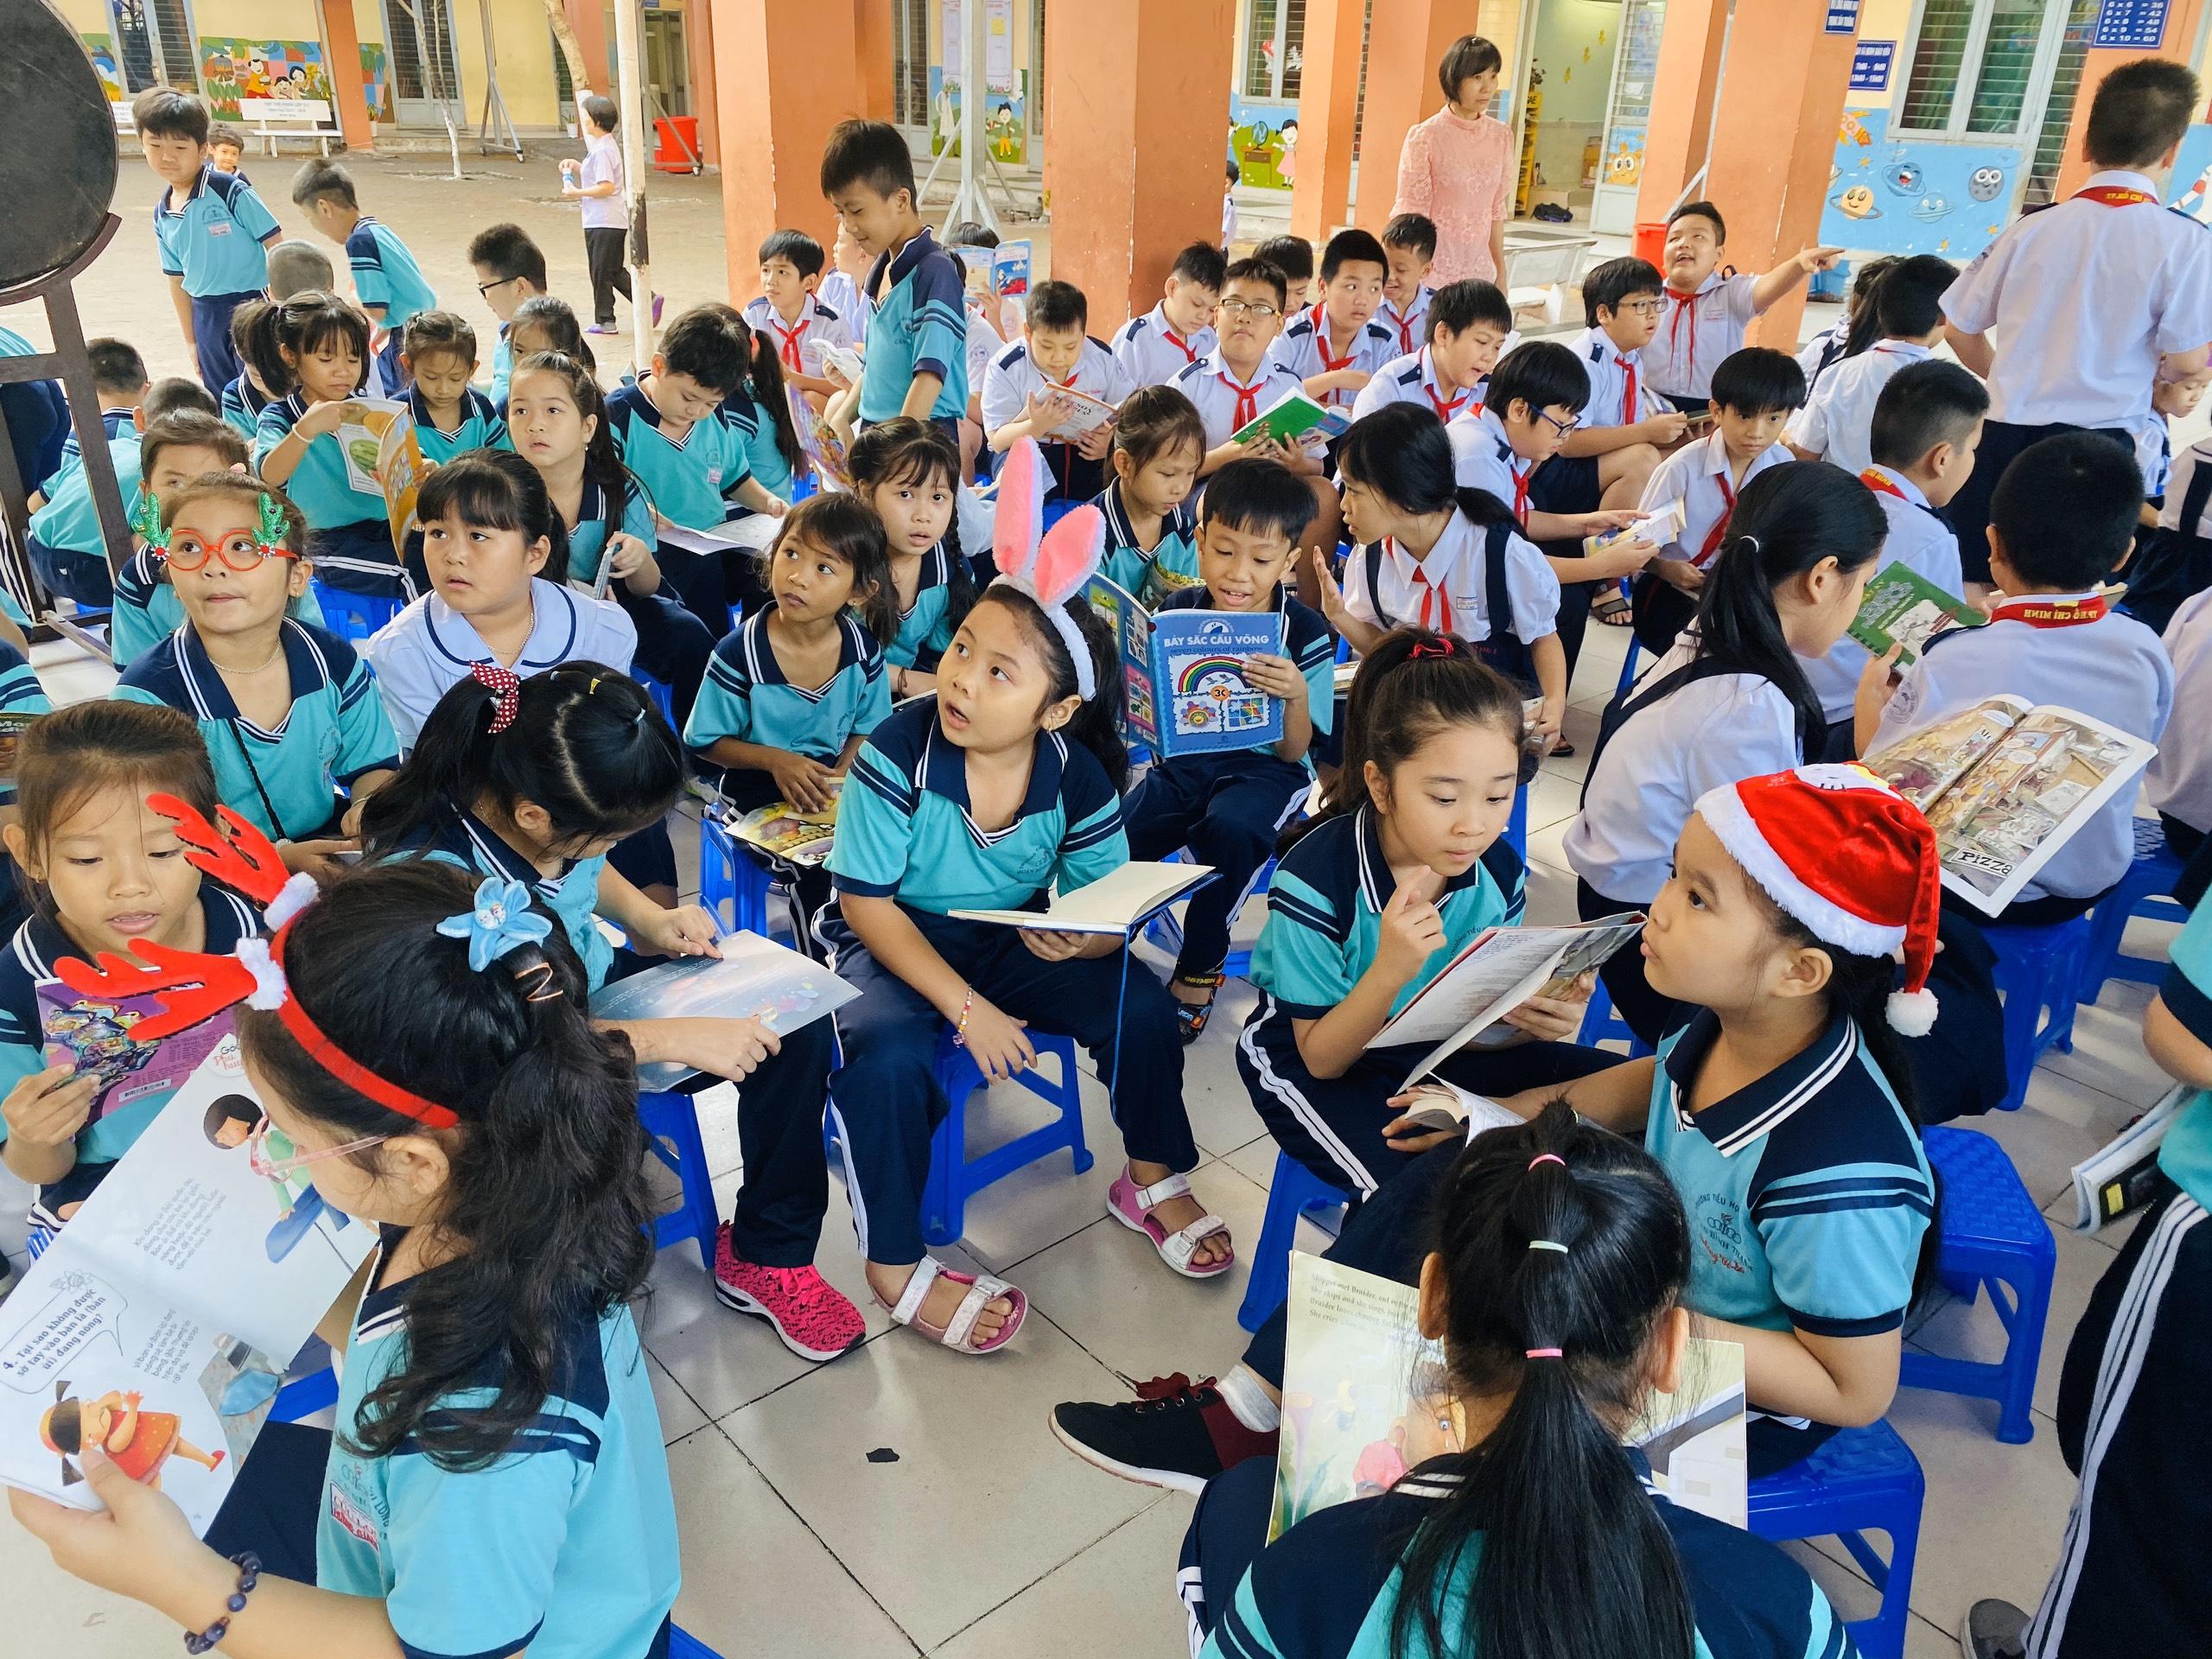 Học sinh trường tiểu học Cửu Long tham gia ngày hội văn hóa đọc